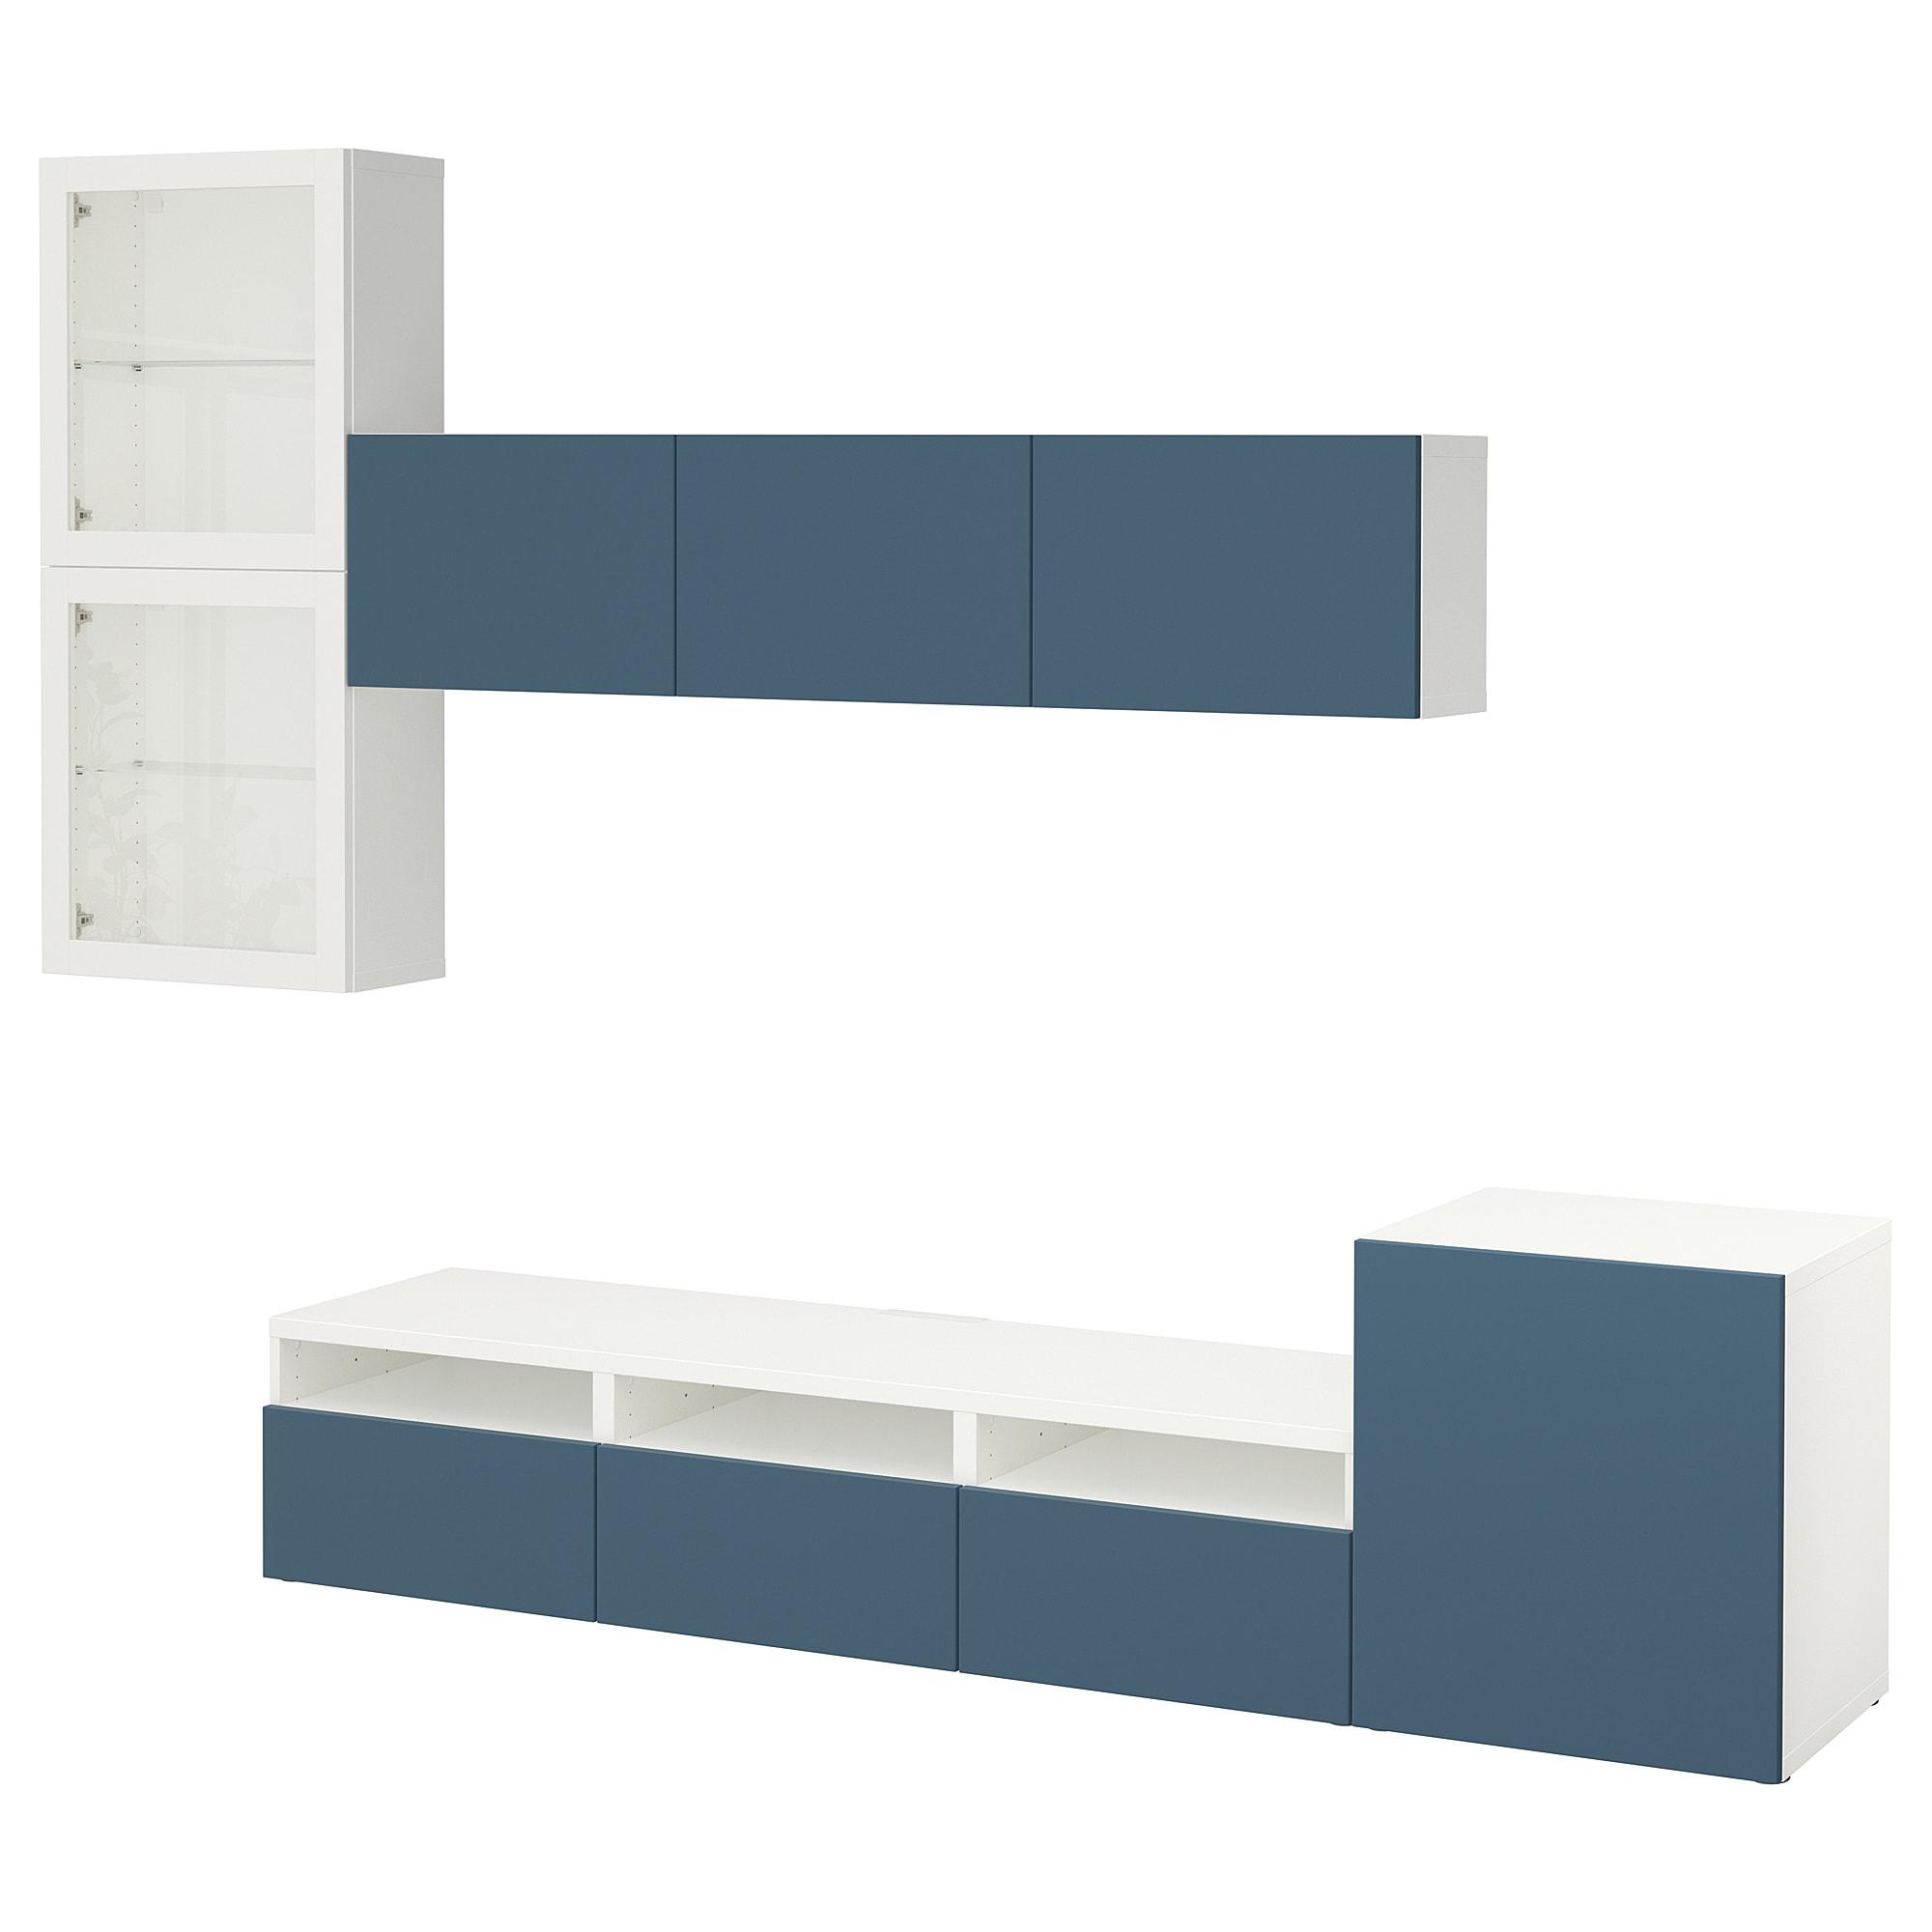 Шкаф для ТВ, комбинированный, стекляные дверцы БЕСТО артикуль № 092.522.20 в наличии. Интернет сайт IKEA Беларусь. Недорогая доставка и установка.